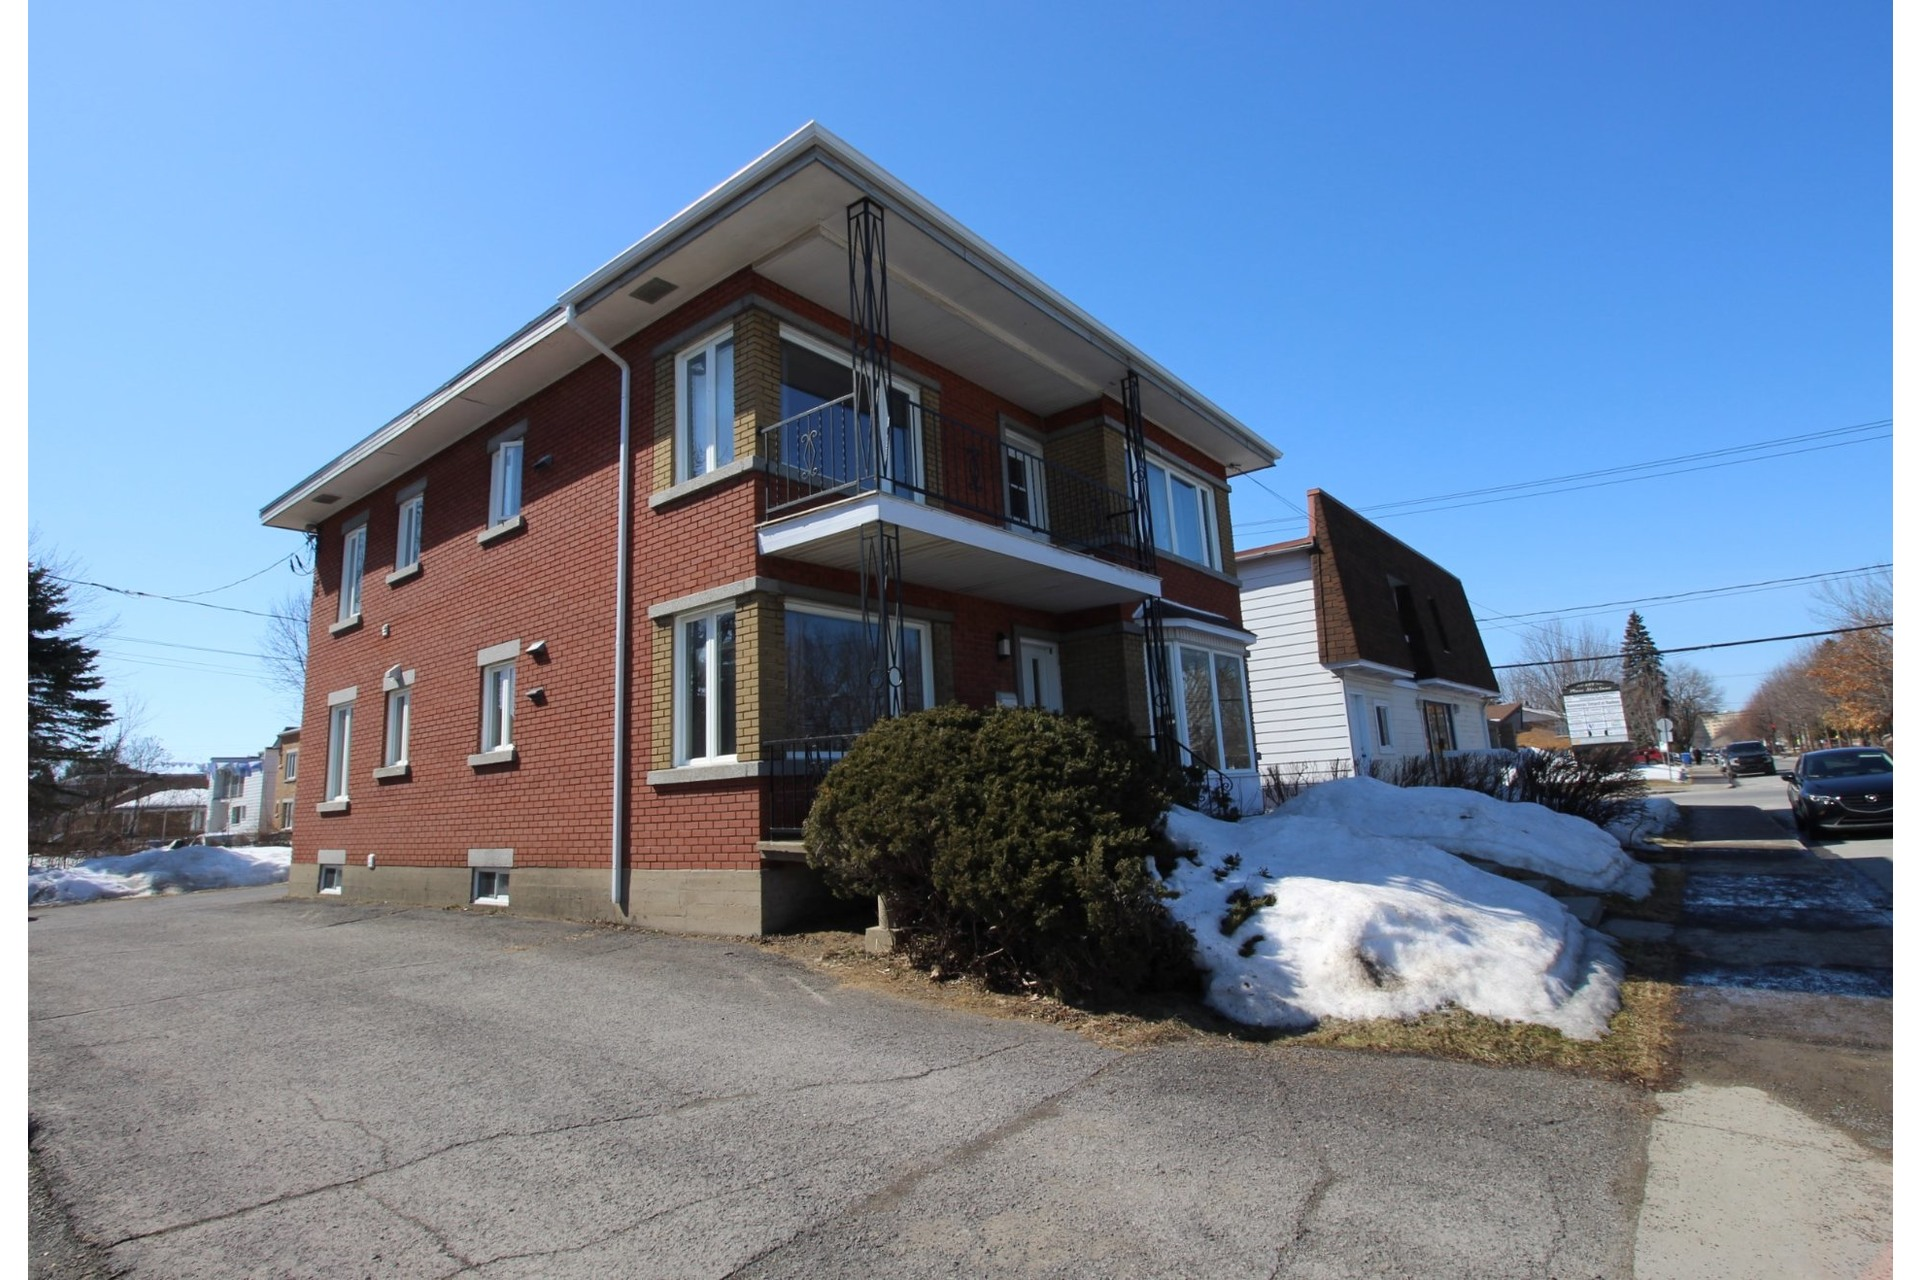 image 32 - Duplex For sale Joliette - 5 rooms